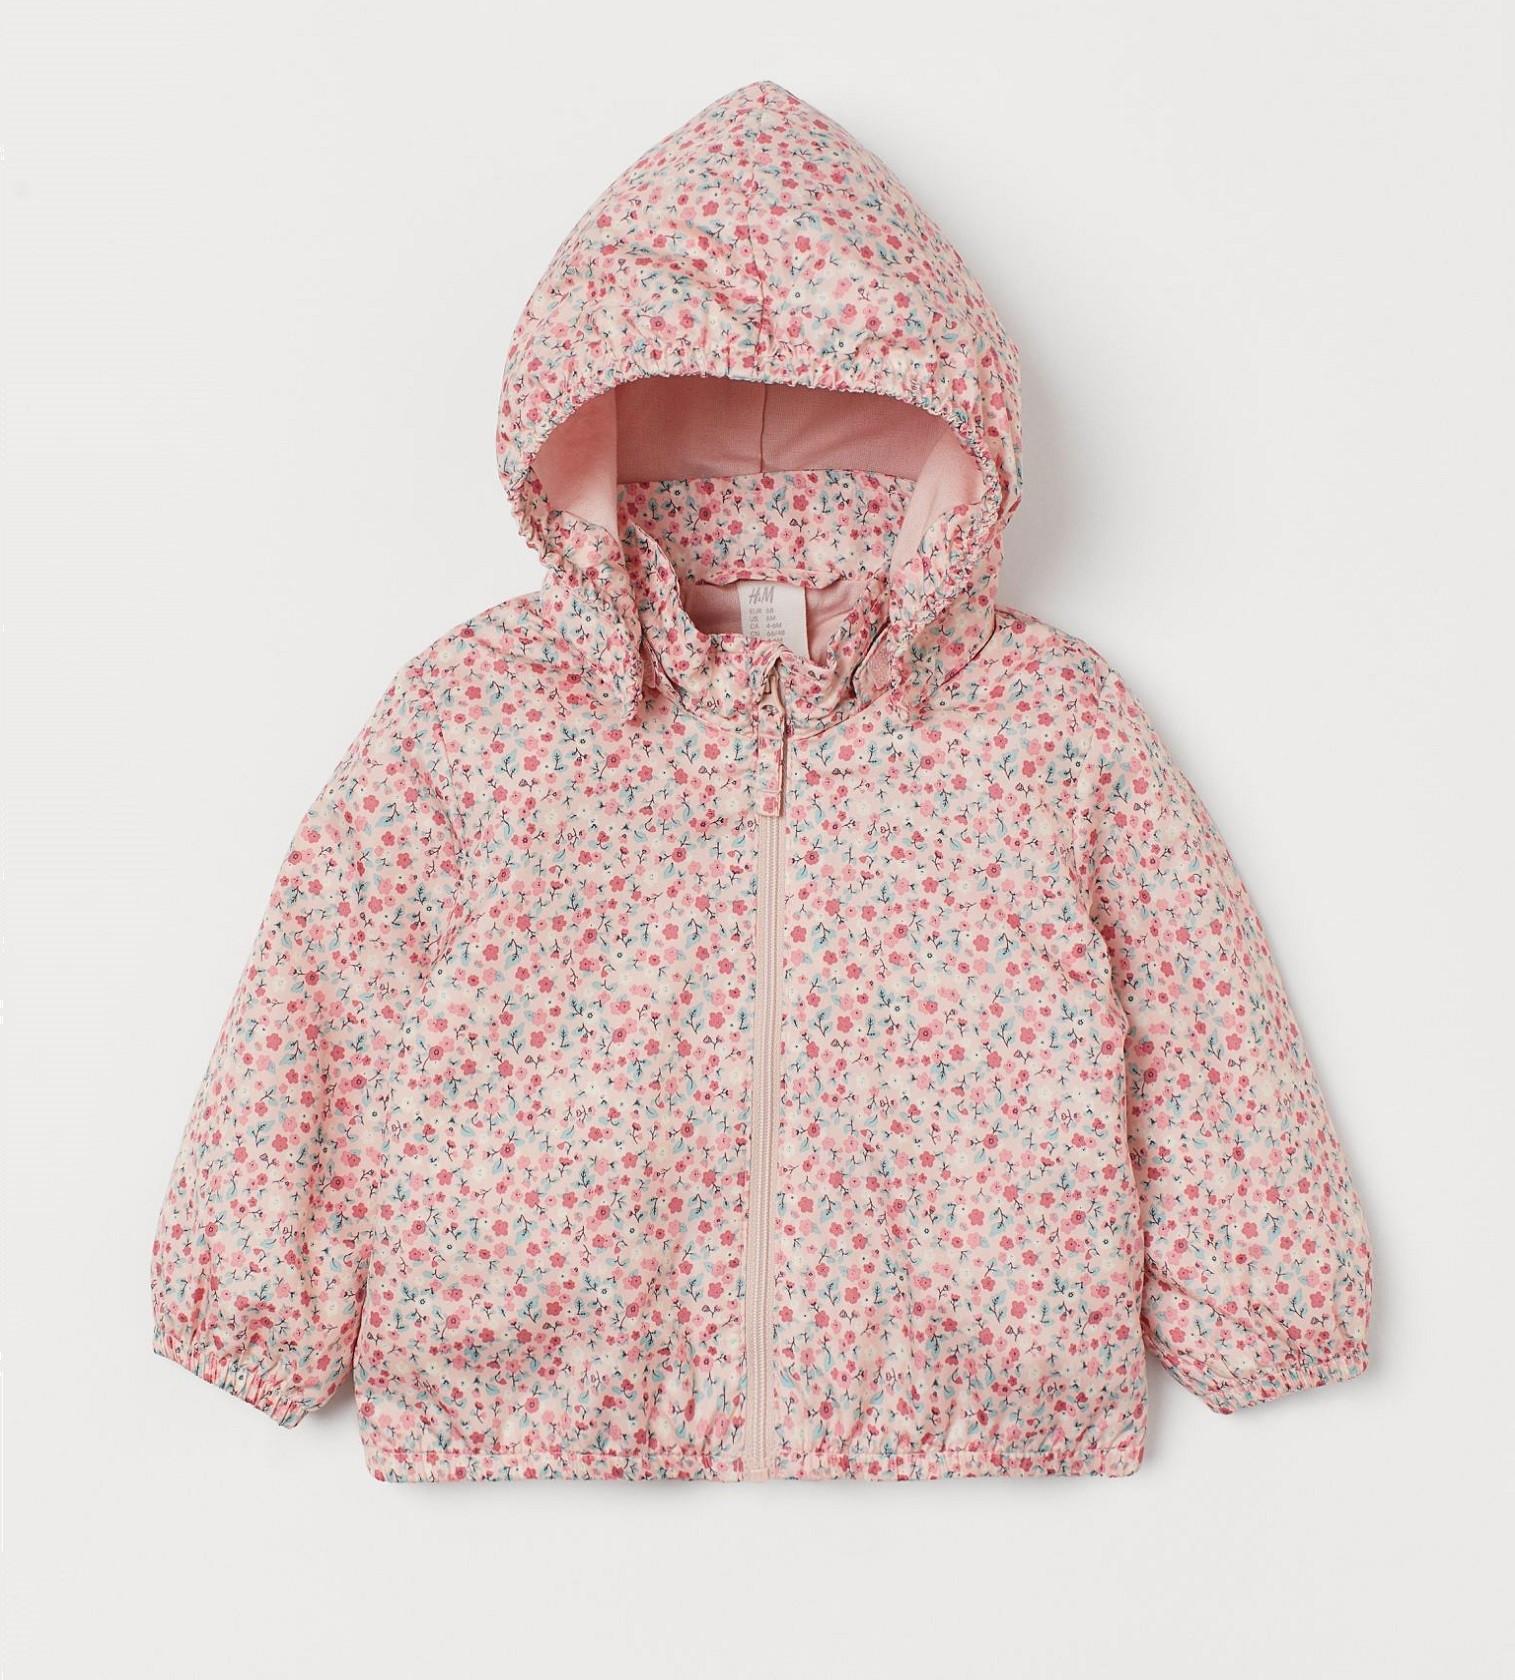 Купити Вітрівка H&M Light pink/Small flowers - фото 1